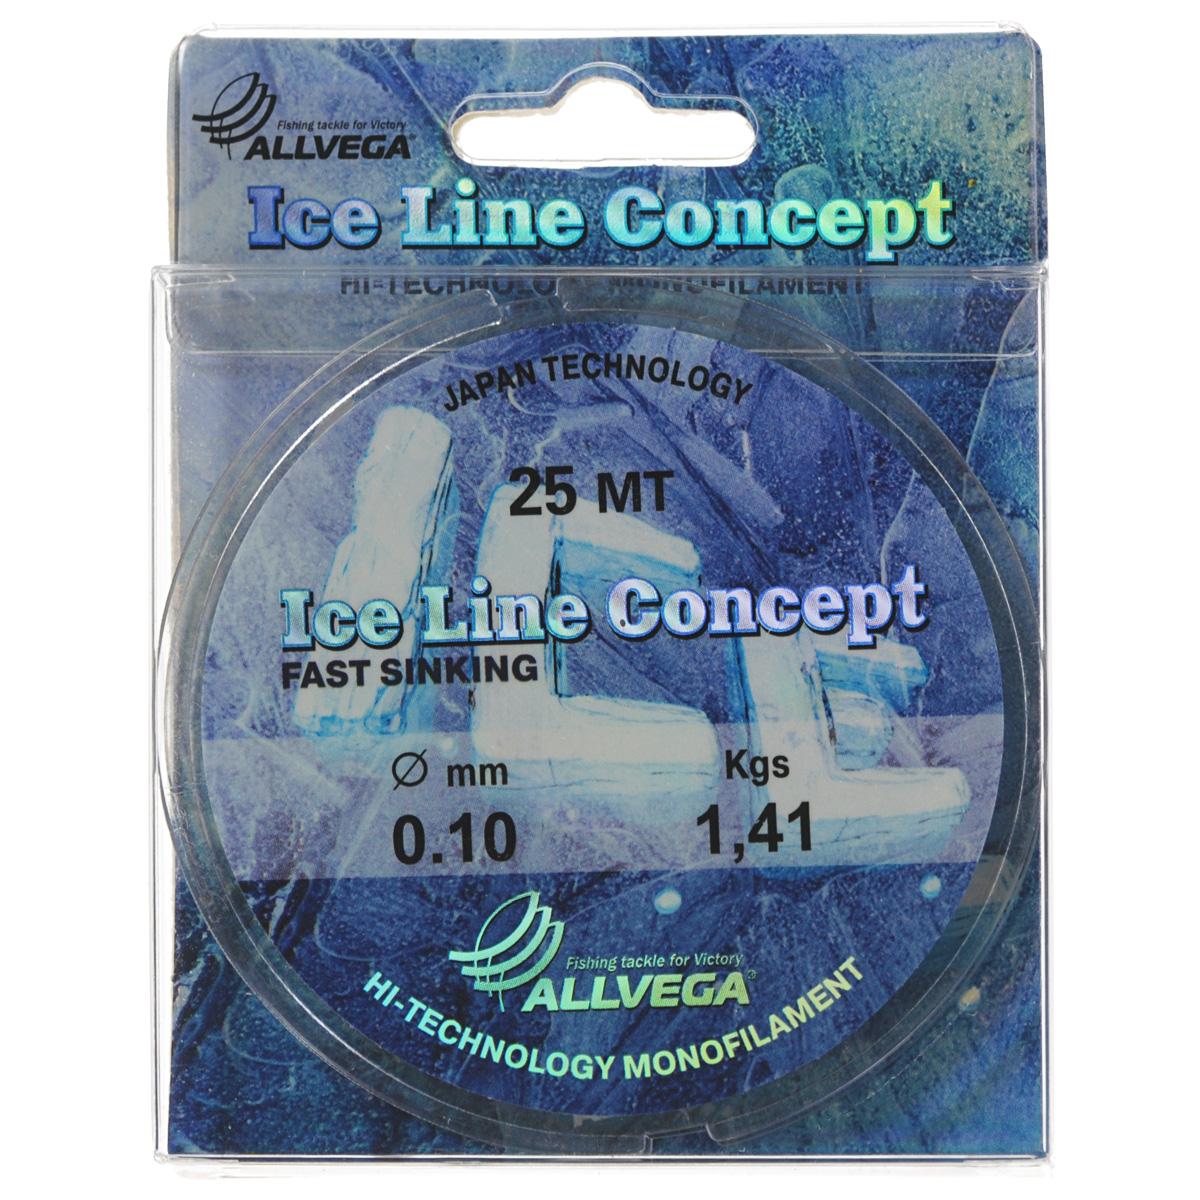 Леска Allvega Ice Line Concept, сечение 0,1 мм, длина 25 м36161Специальная зимняя леска Allvega Ice Line Concept для низких температур. Прозрачная и высокопрочная. Отсутствие механической памяти, позволяет с успехом использовать ее для ловли на мормышку.